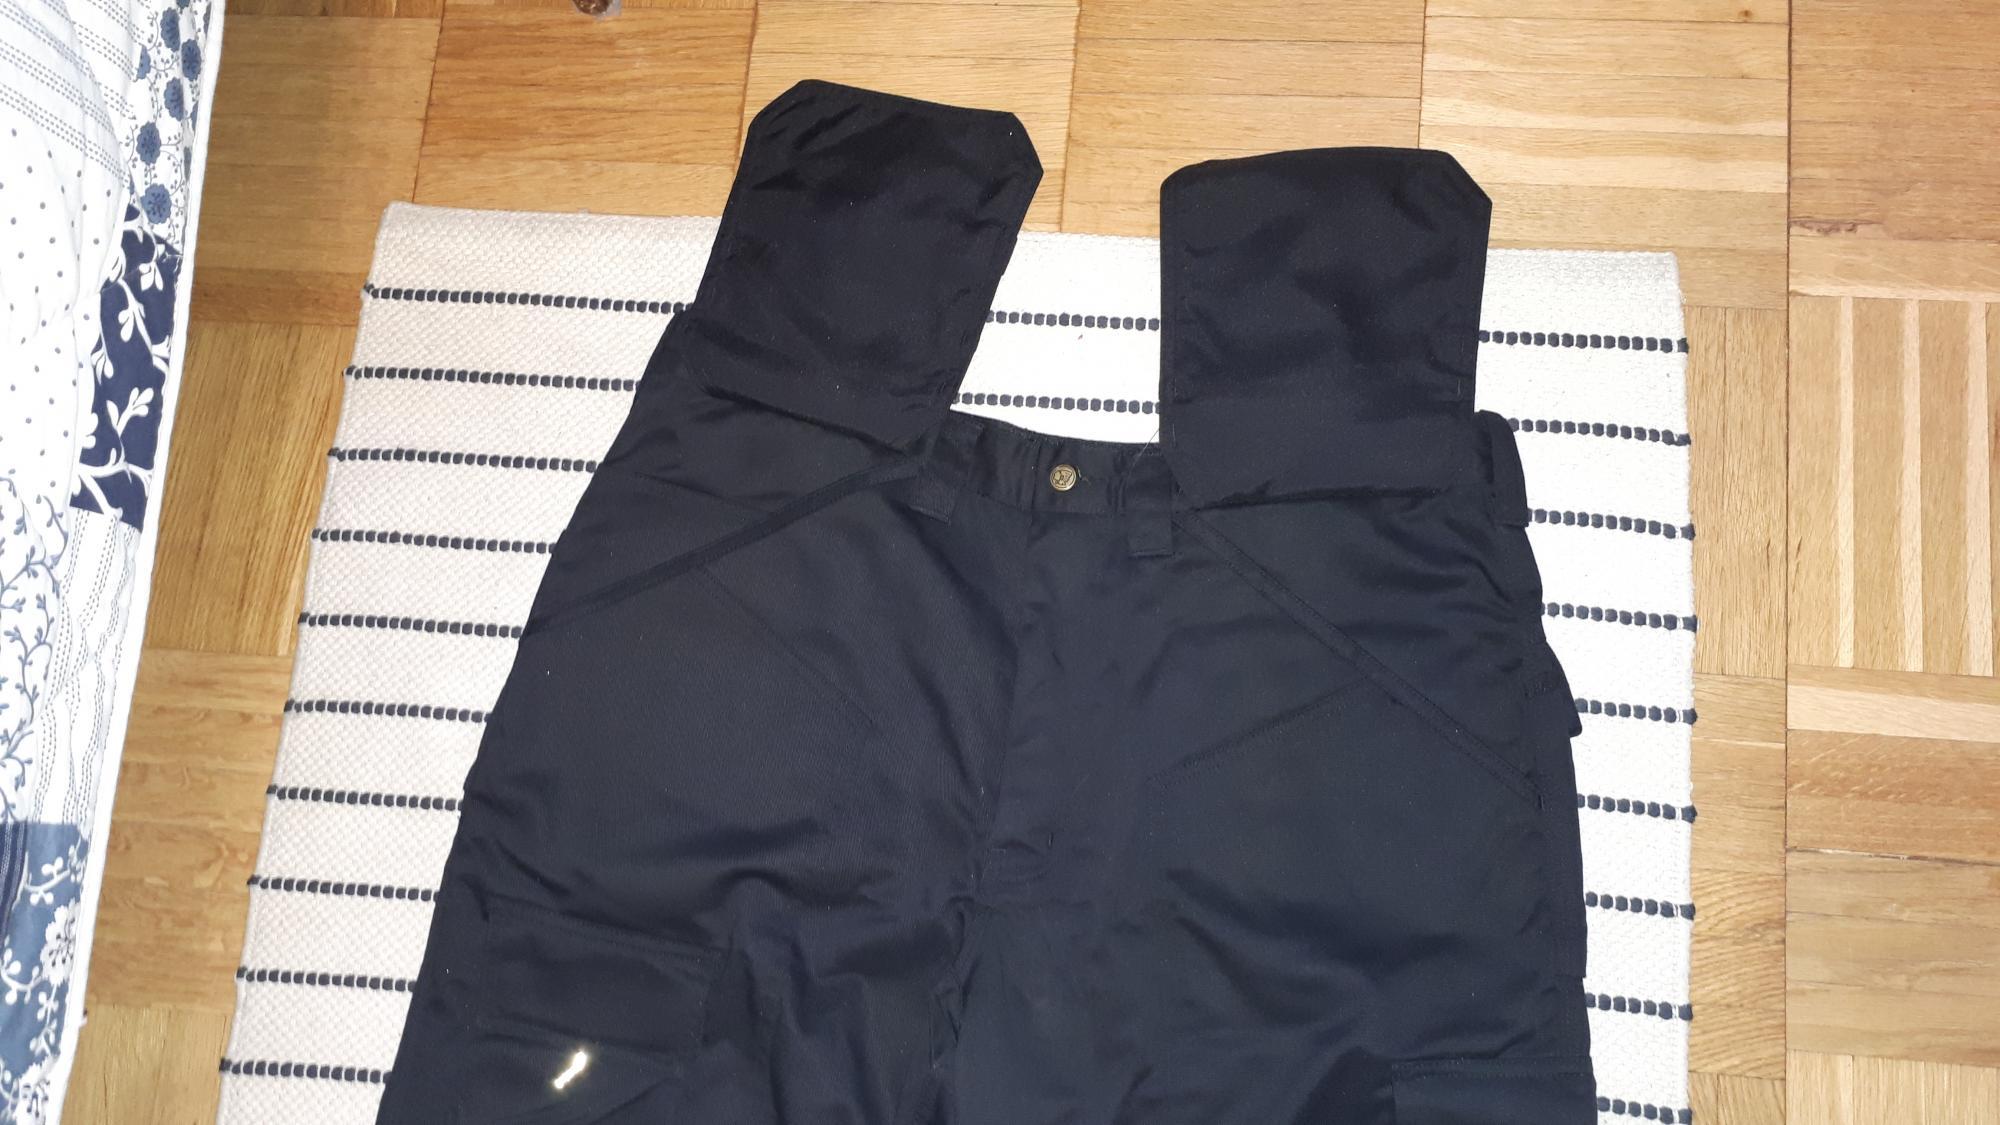 Профессиональные штаны мастера в Москве 89031673004 купить 4